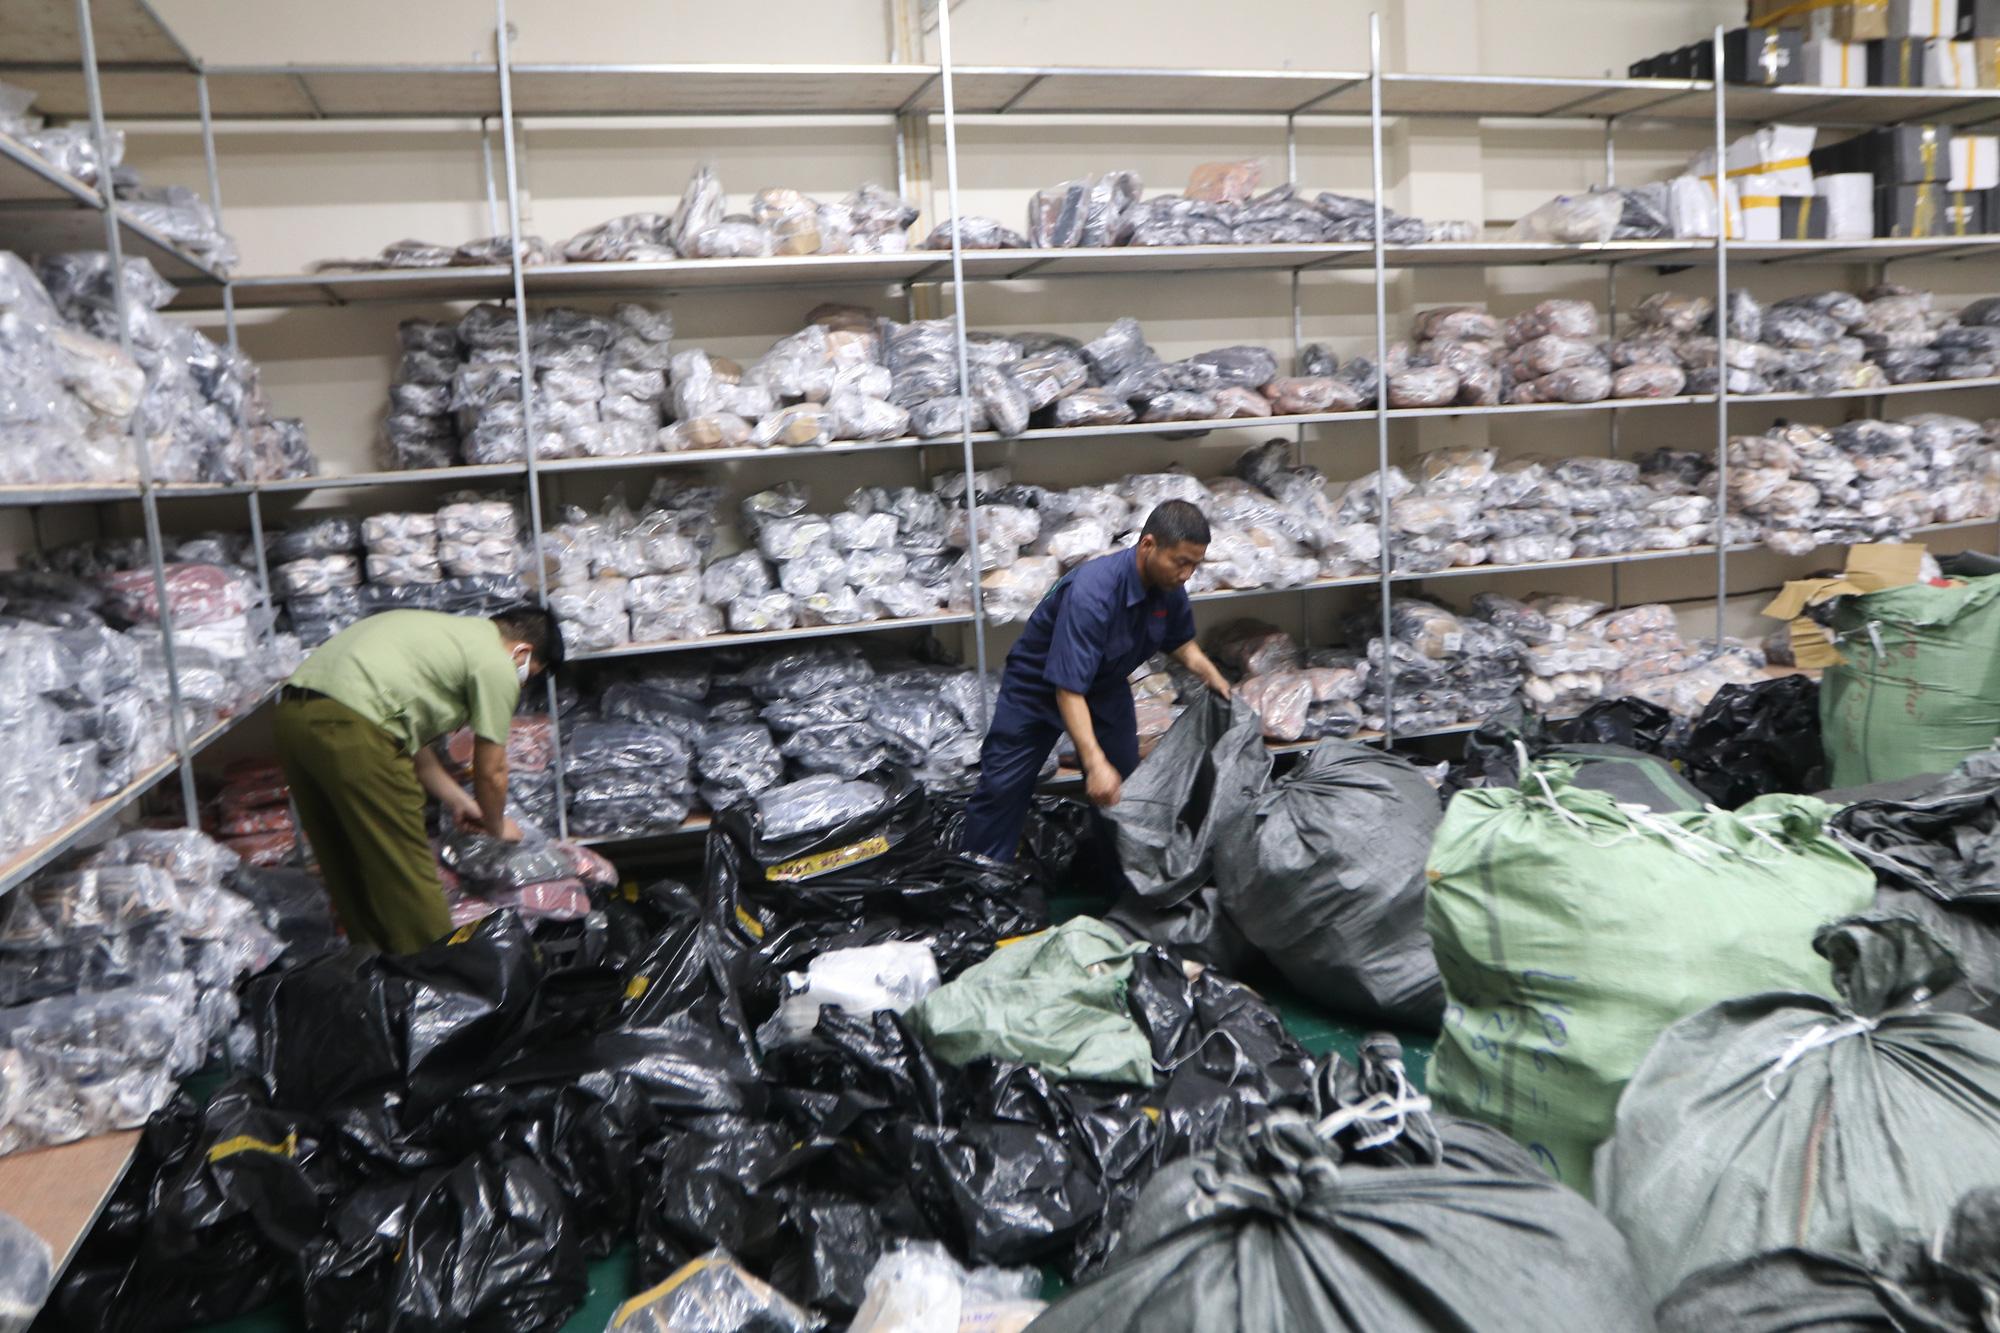 Hà Nội: Triệt phá kho giày dép hơn 3.000 đôi giả mạo các nhãn hiệu nổi tiếng thế giới - Ảnh 9.